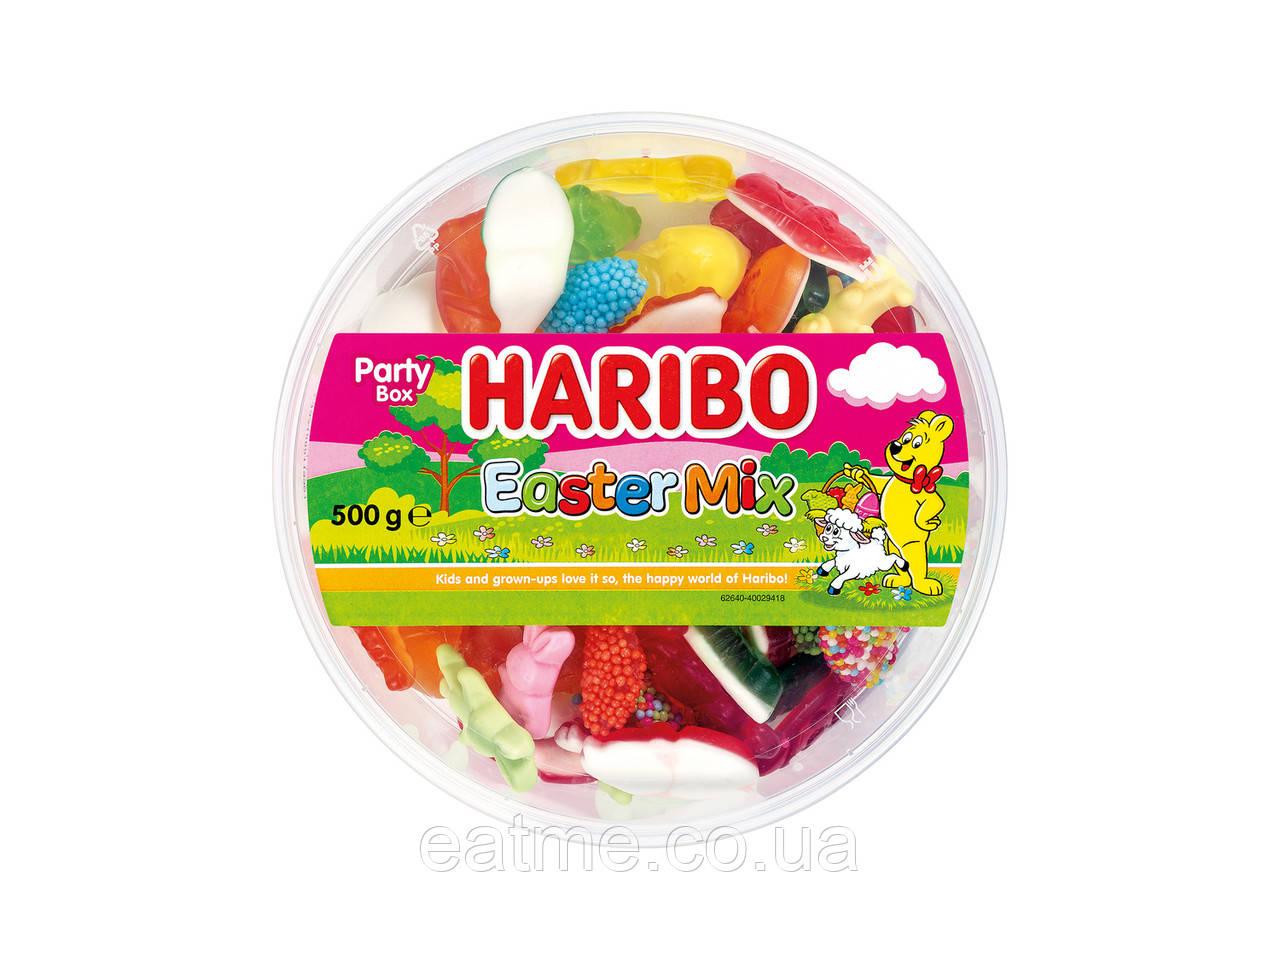 Haribo Пасхальный микс